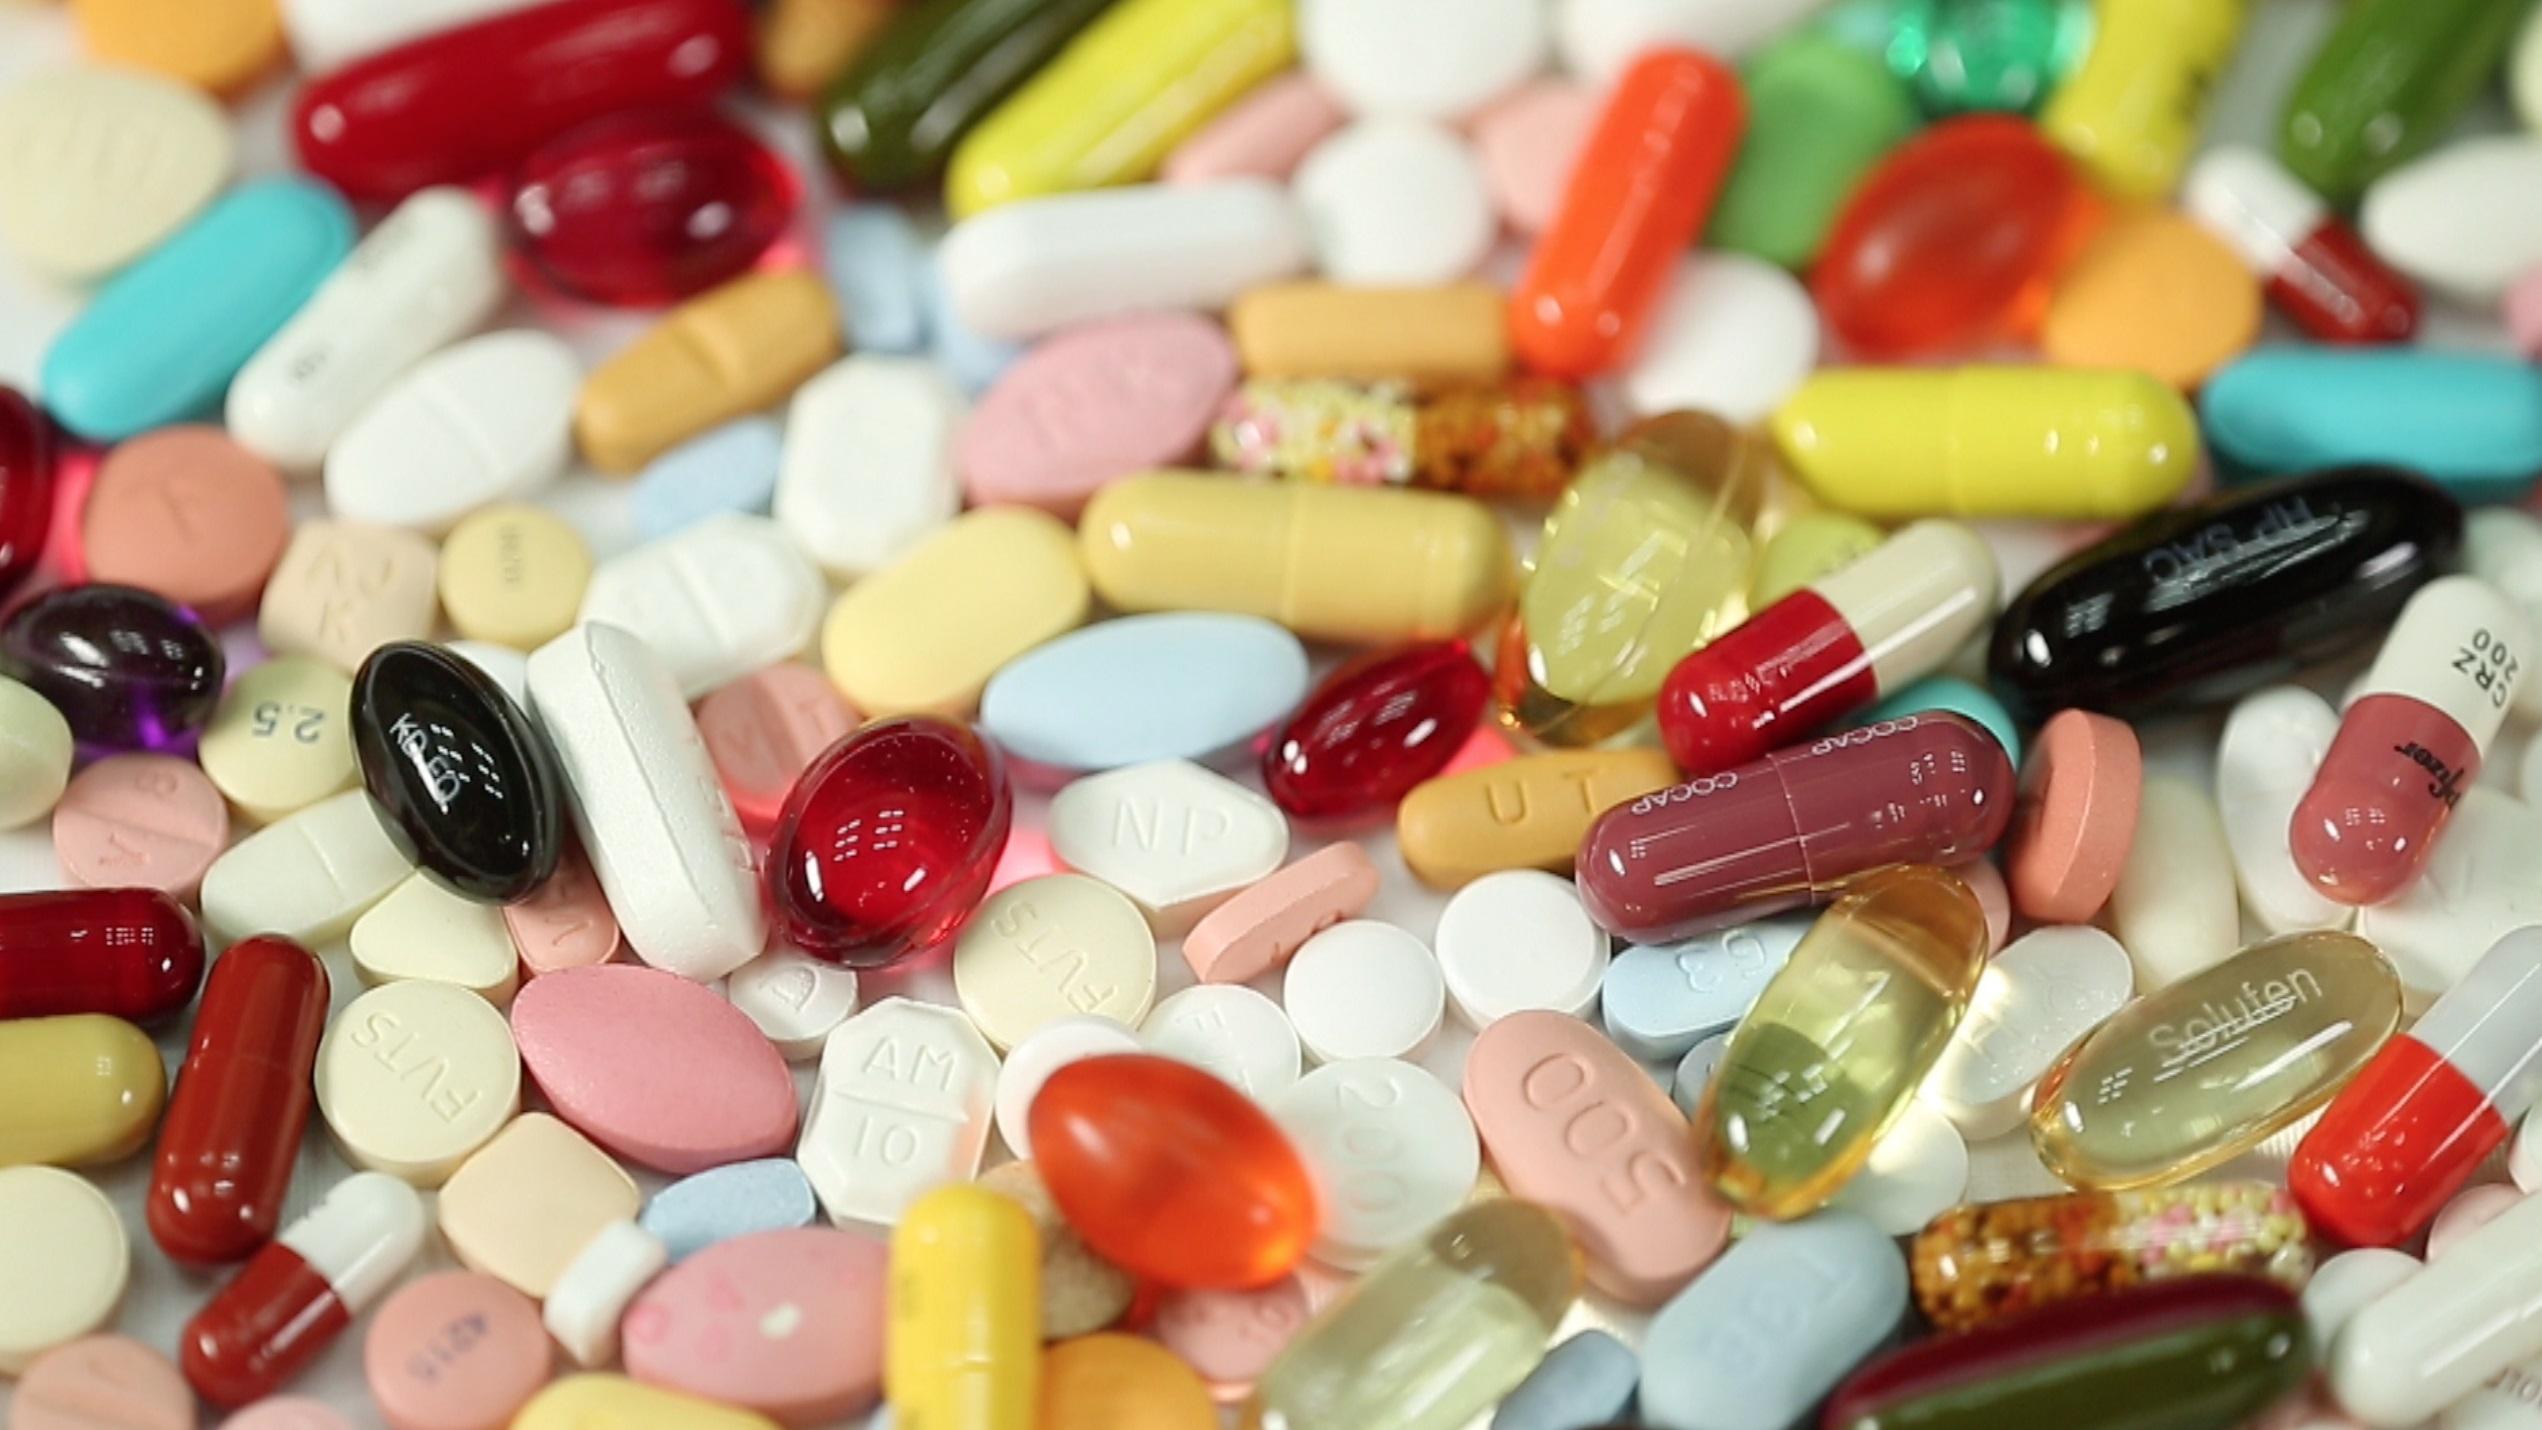 1. 세계는 왜 제약산업에 주목하는가1